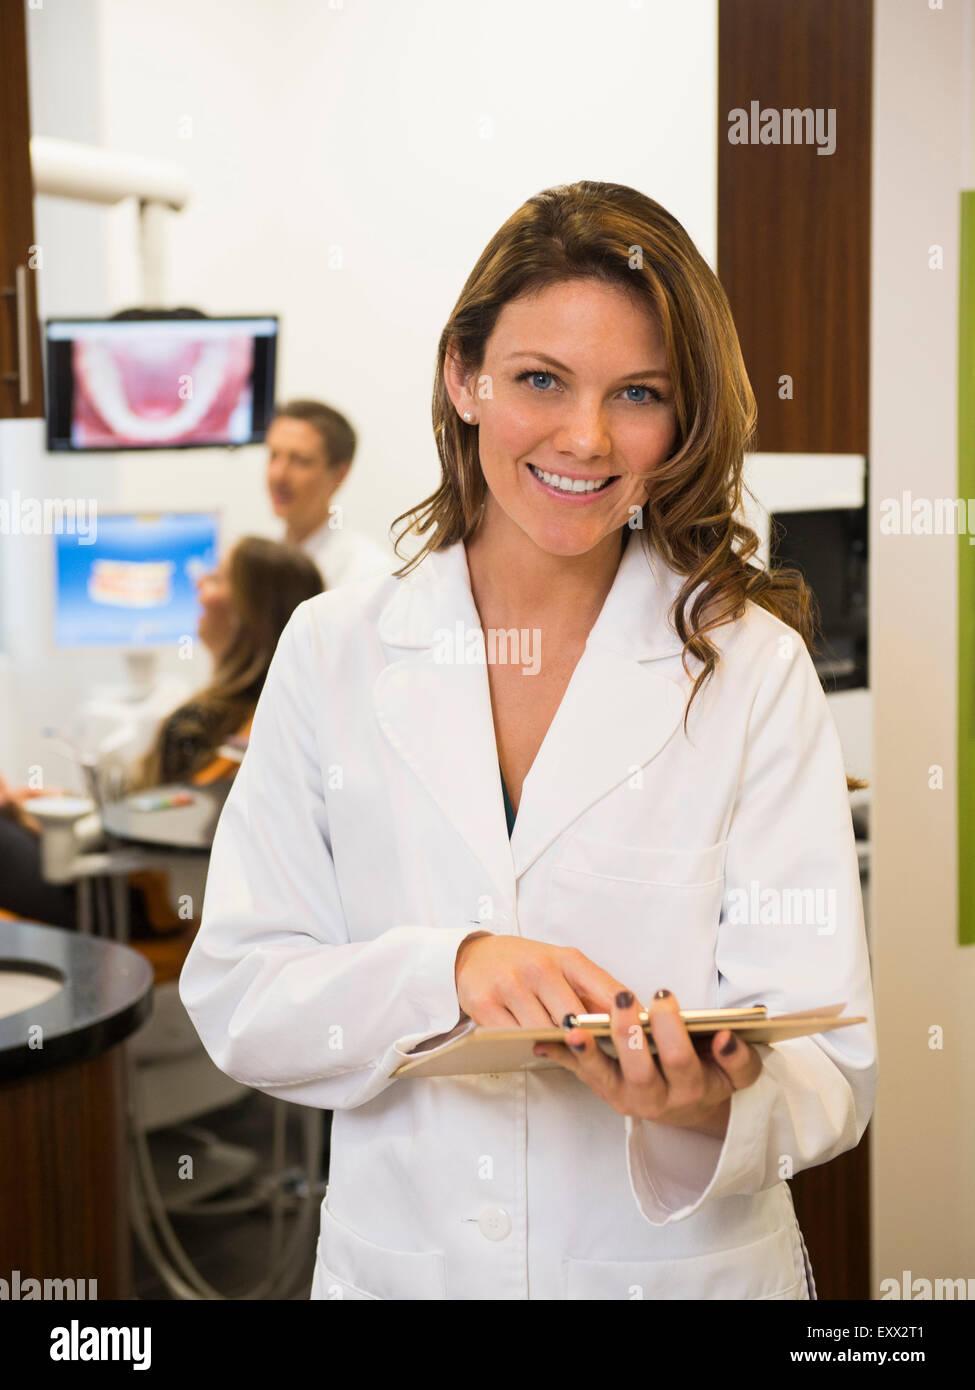 Retrato de dentista con su colega y paciente en segundo plano. Foto de stock